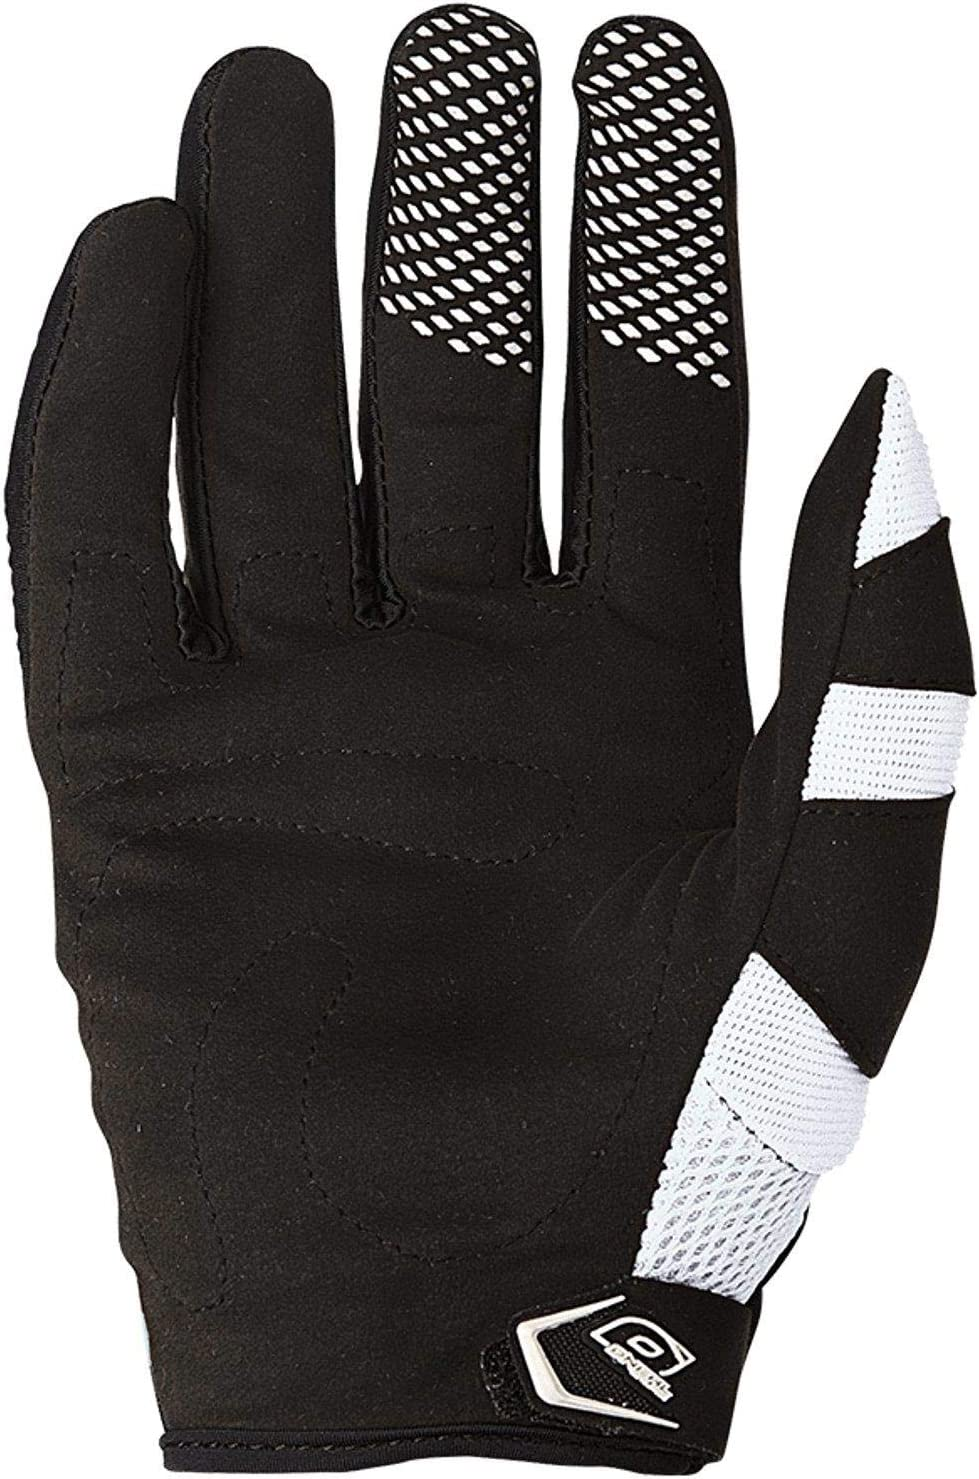 Wei/ß ONeal Unisex Handschuhe Element